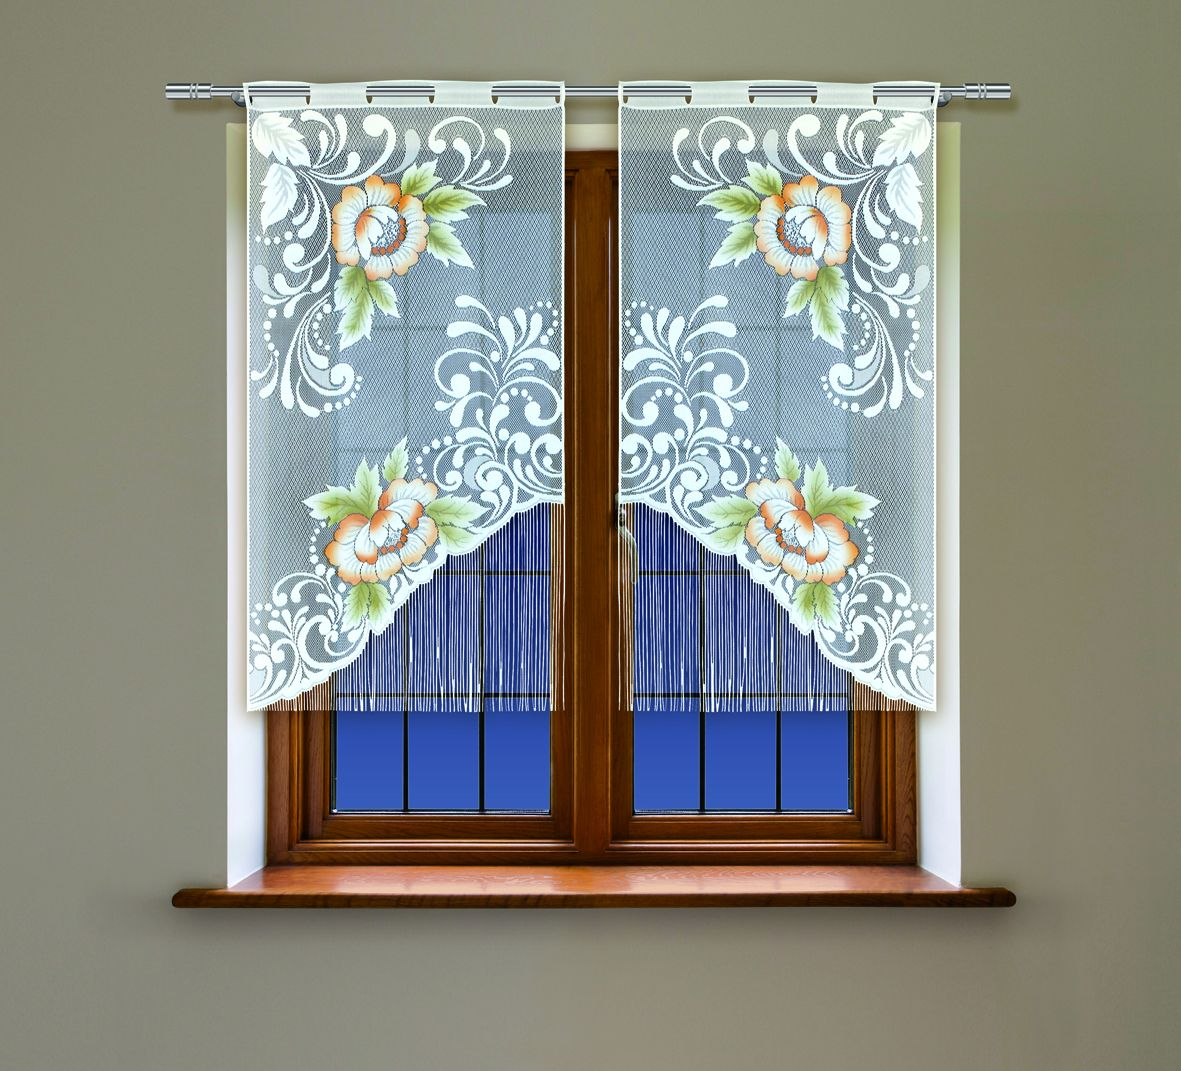 Комплект гардин Haft, на петлях, цвет: белый, высота 160 см, 2 шт. 4219С4219С/60Воздушные гардины Haft великолепно украсят любое окно. Комплект состоит из двух гардин, выполненных из полиэстера.Изделие имеет оригинальный дизайн и органично впишется в интерьер помещения.Комплект крепится на карниз при помощи петель.